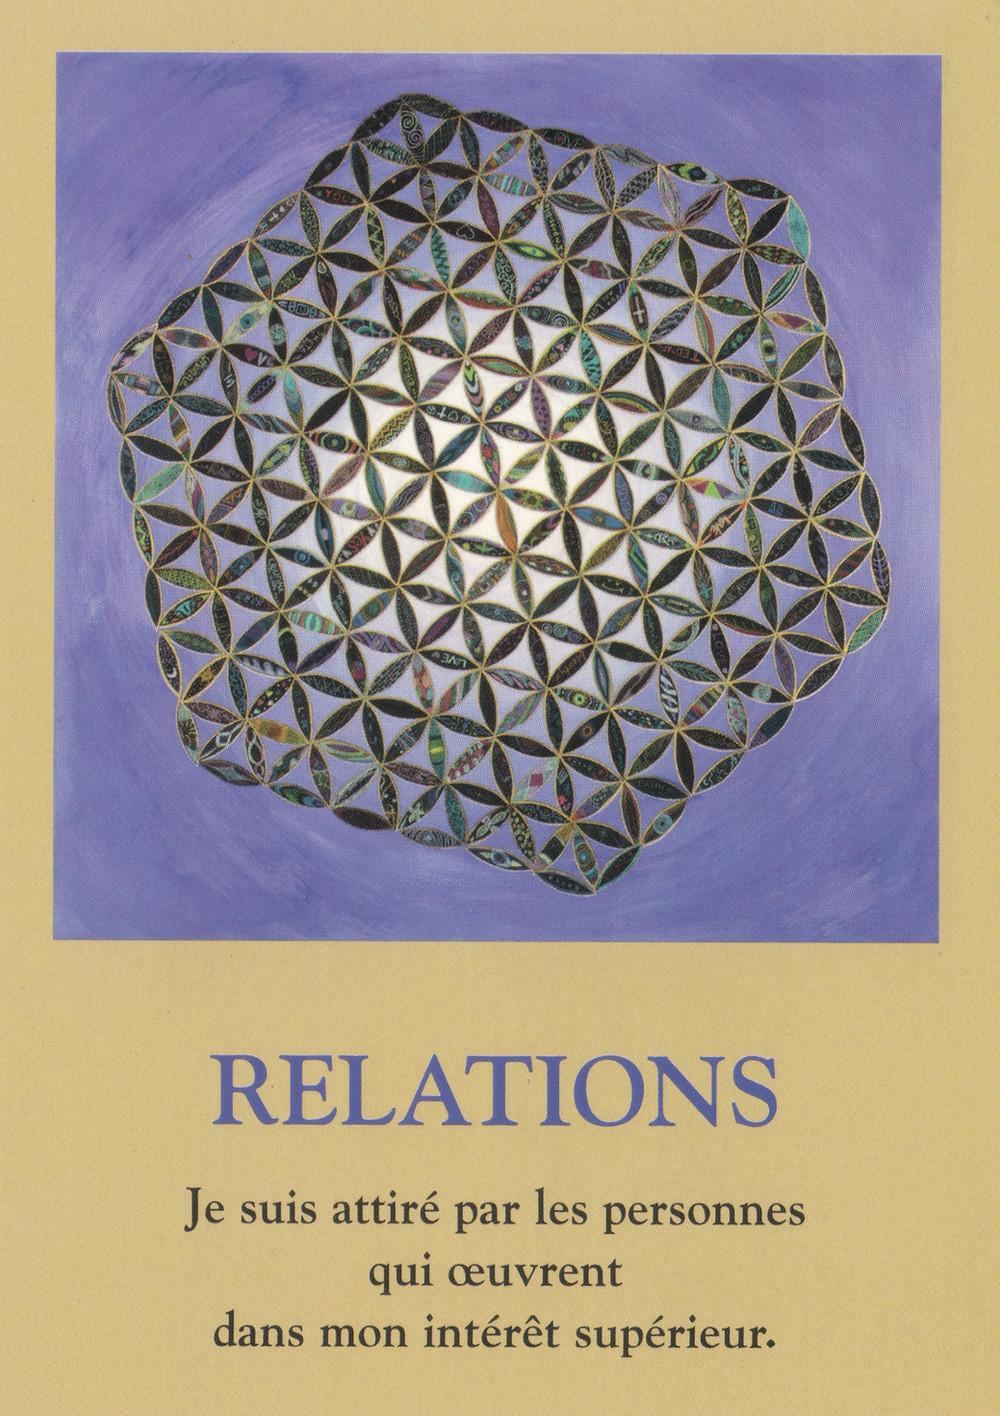 Carte de L'Oracle Le Cheminement de l'Âme, de James Van Praagh - Relations - Conseils du 22 janvier 2020 : Nourrir des relations saines...